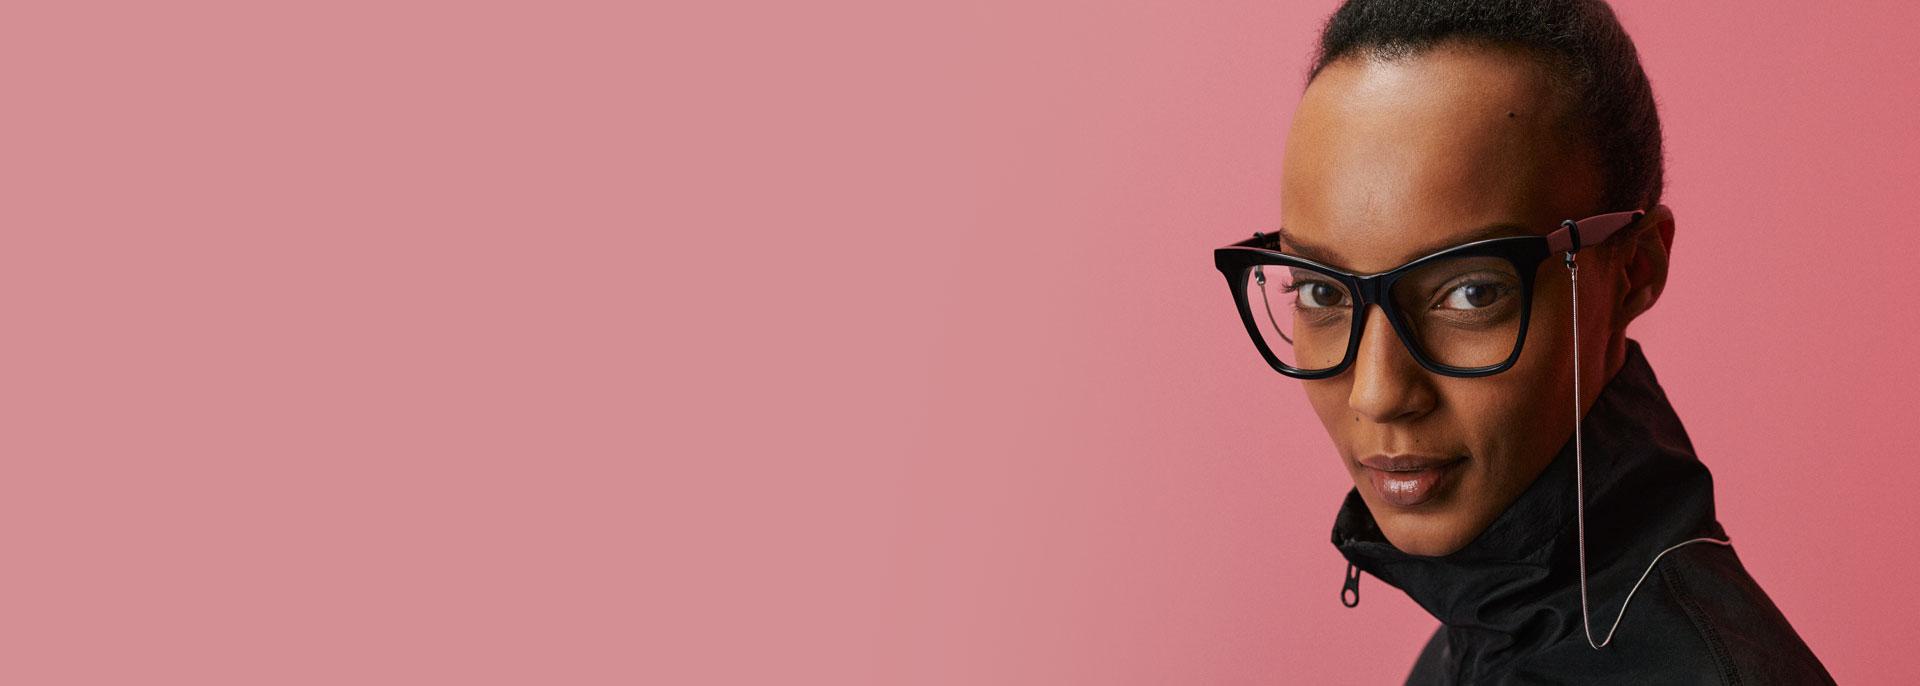 Samlet pris for hele enkeltstyrkebrillen 1.450,-